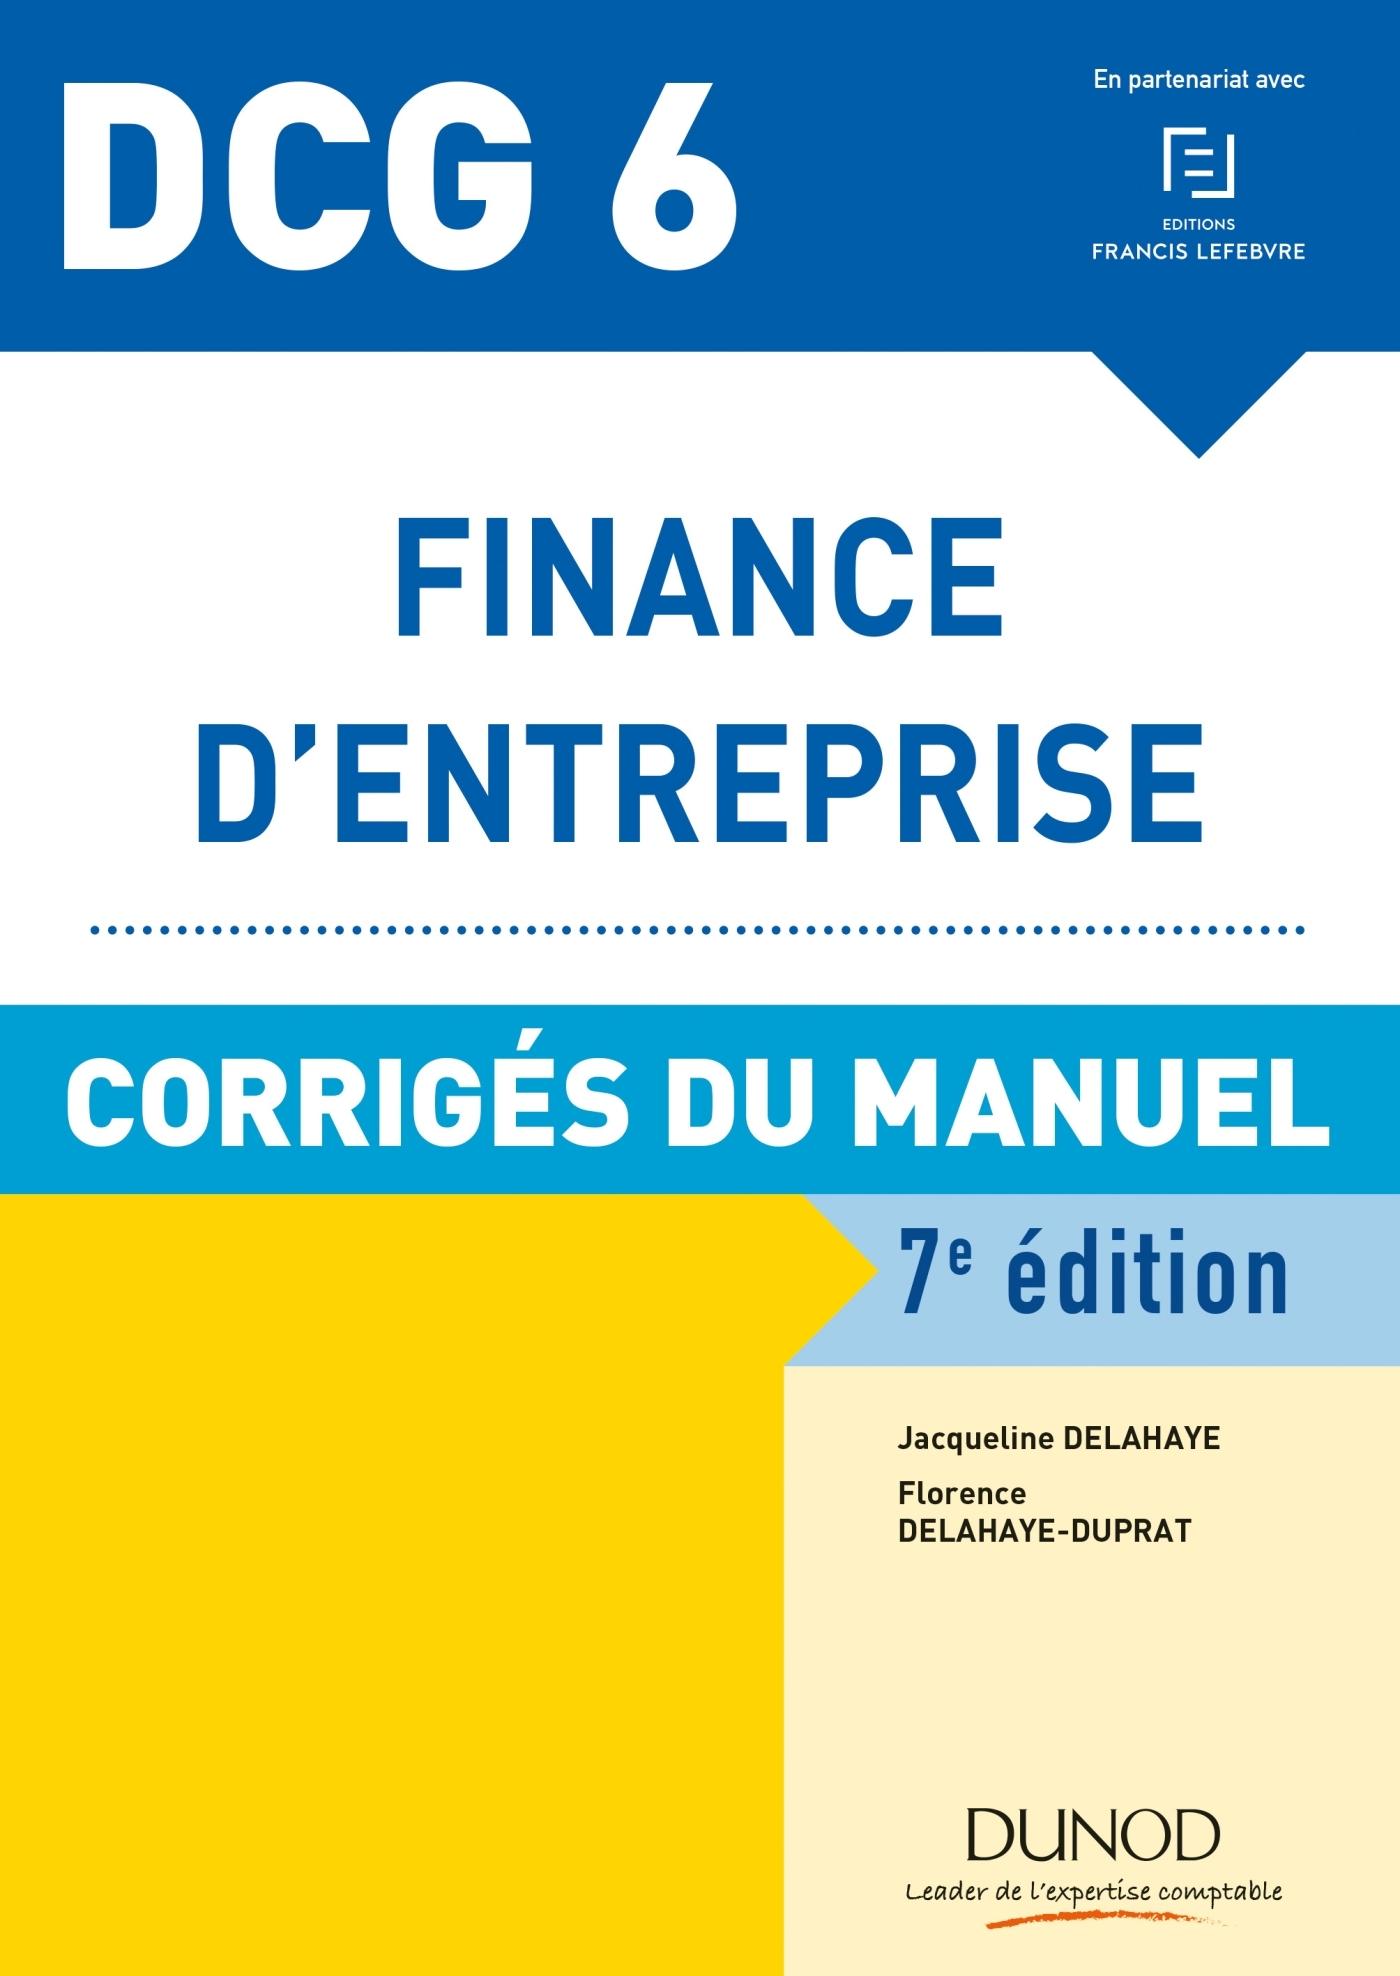 DCG 6 - FINANCE D'ENTREPRISE - 7E ED. - CORRIGES DU MANUEL